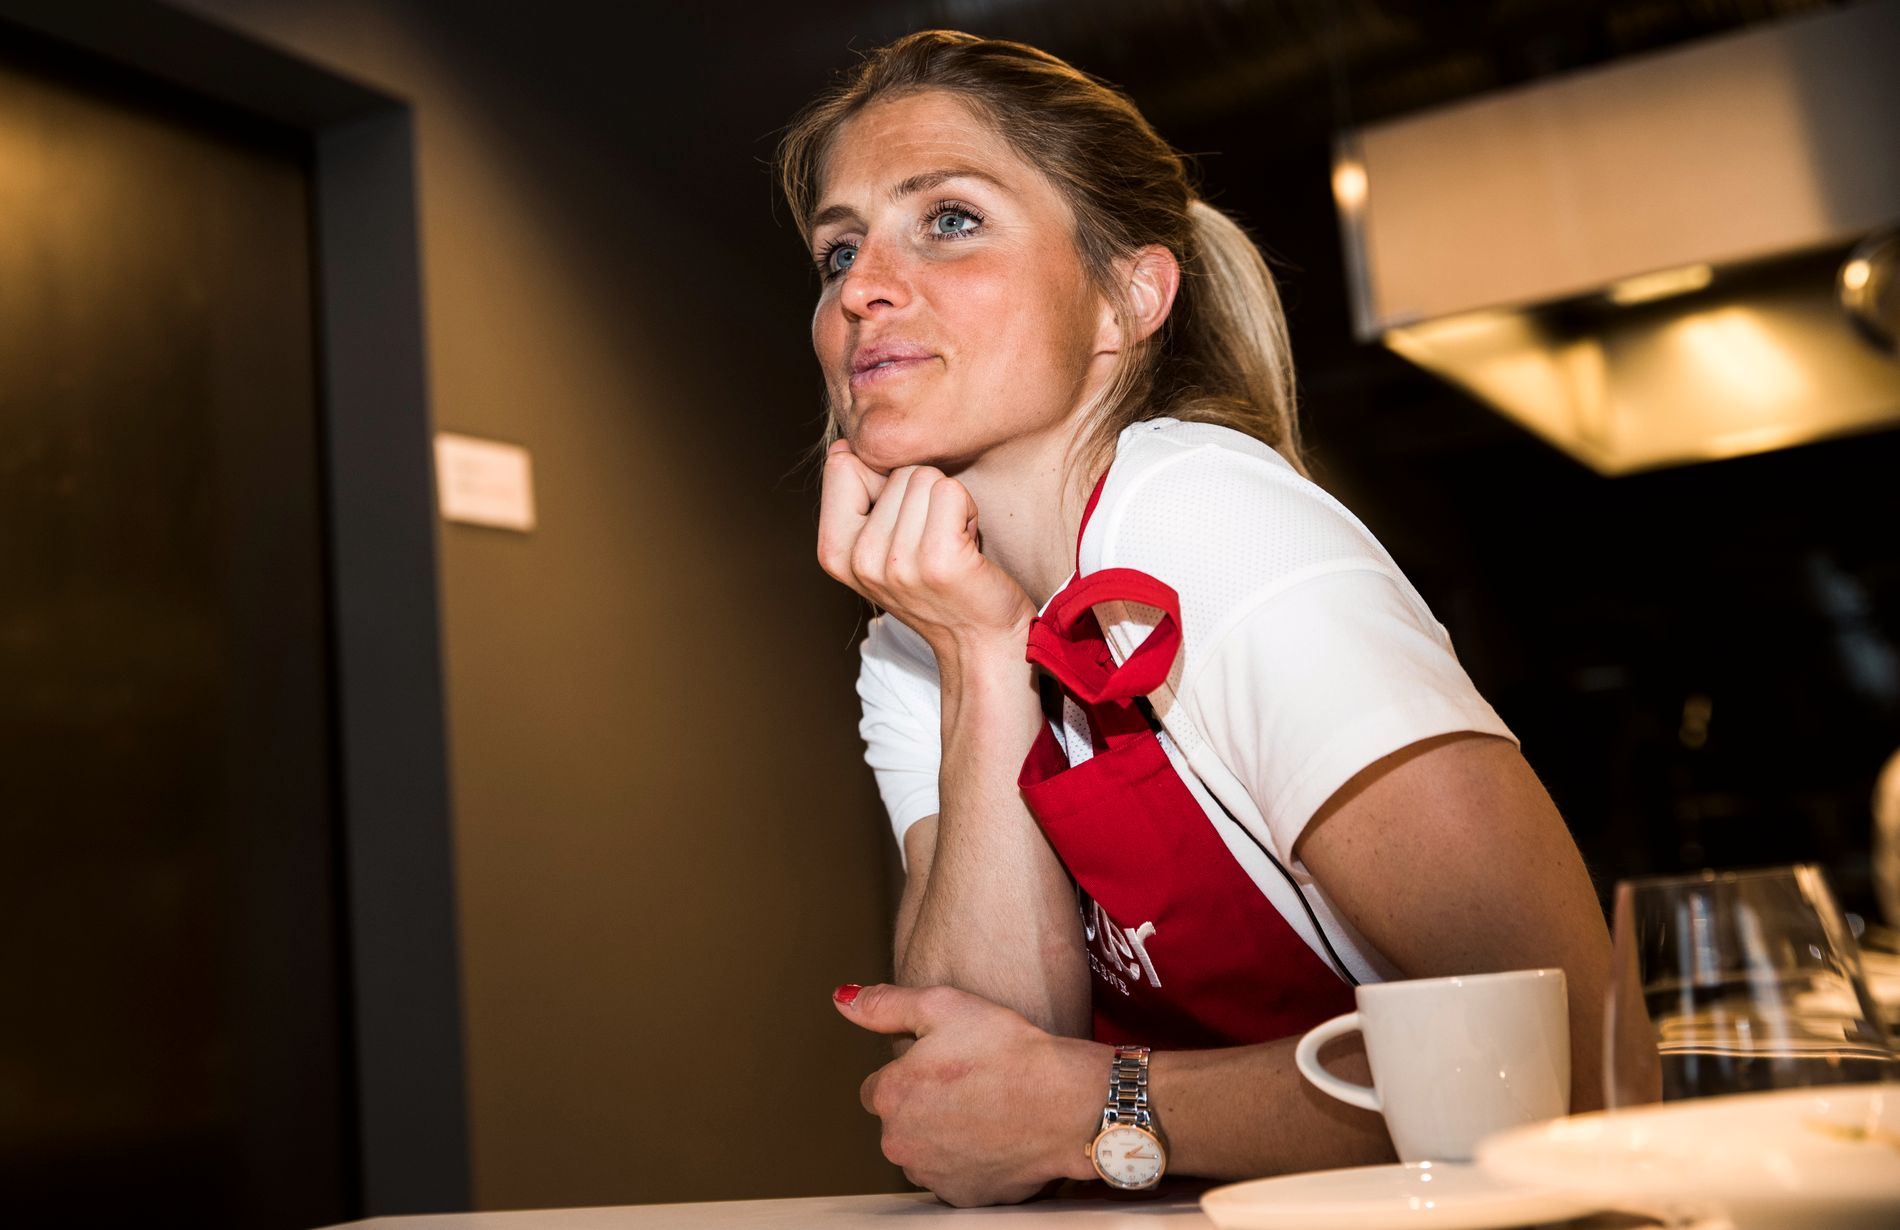 I SVEITS: Therese Johaug dro til Sveits søndag kveld. Tirsdag venter dopinghøringen i CAS, hvor hun får endelig dom. Bildet er fra et VG-intervju med langrennsstjernen i Oslo i mai.